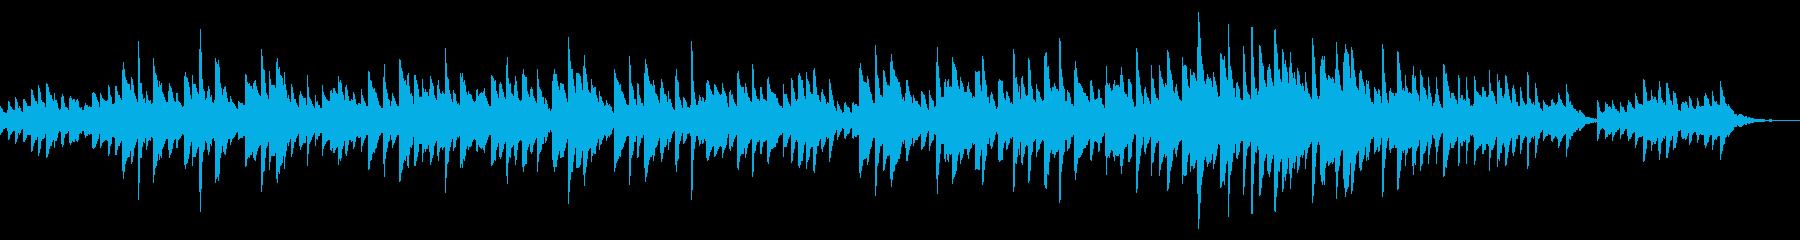 悲しく切なく鳴り響くオルゴールの再生済みの波形